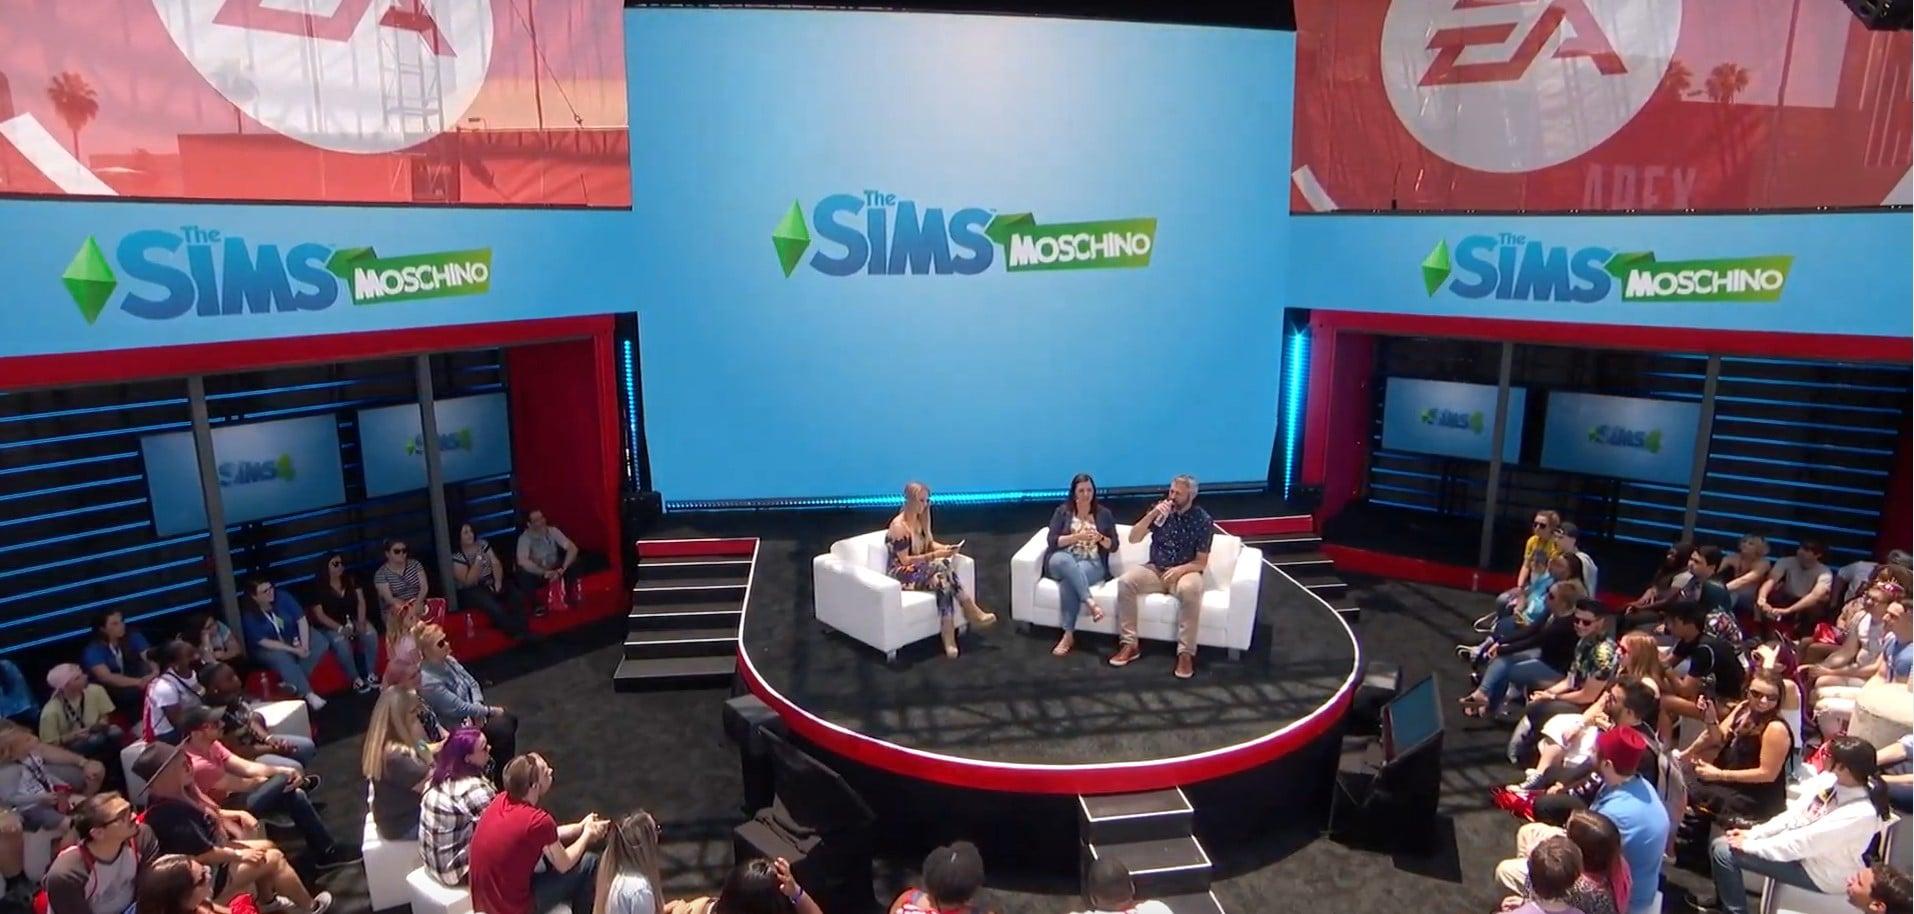 Un kit en partenariat avec Moschino pour Les Sims 4